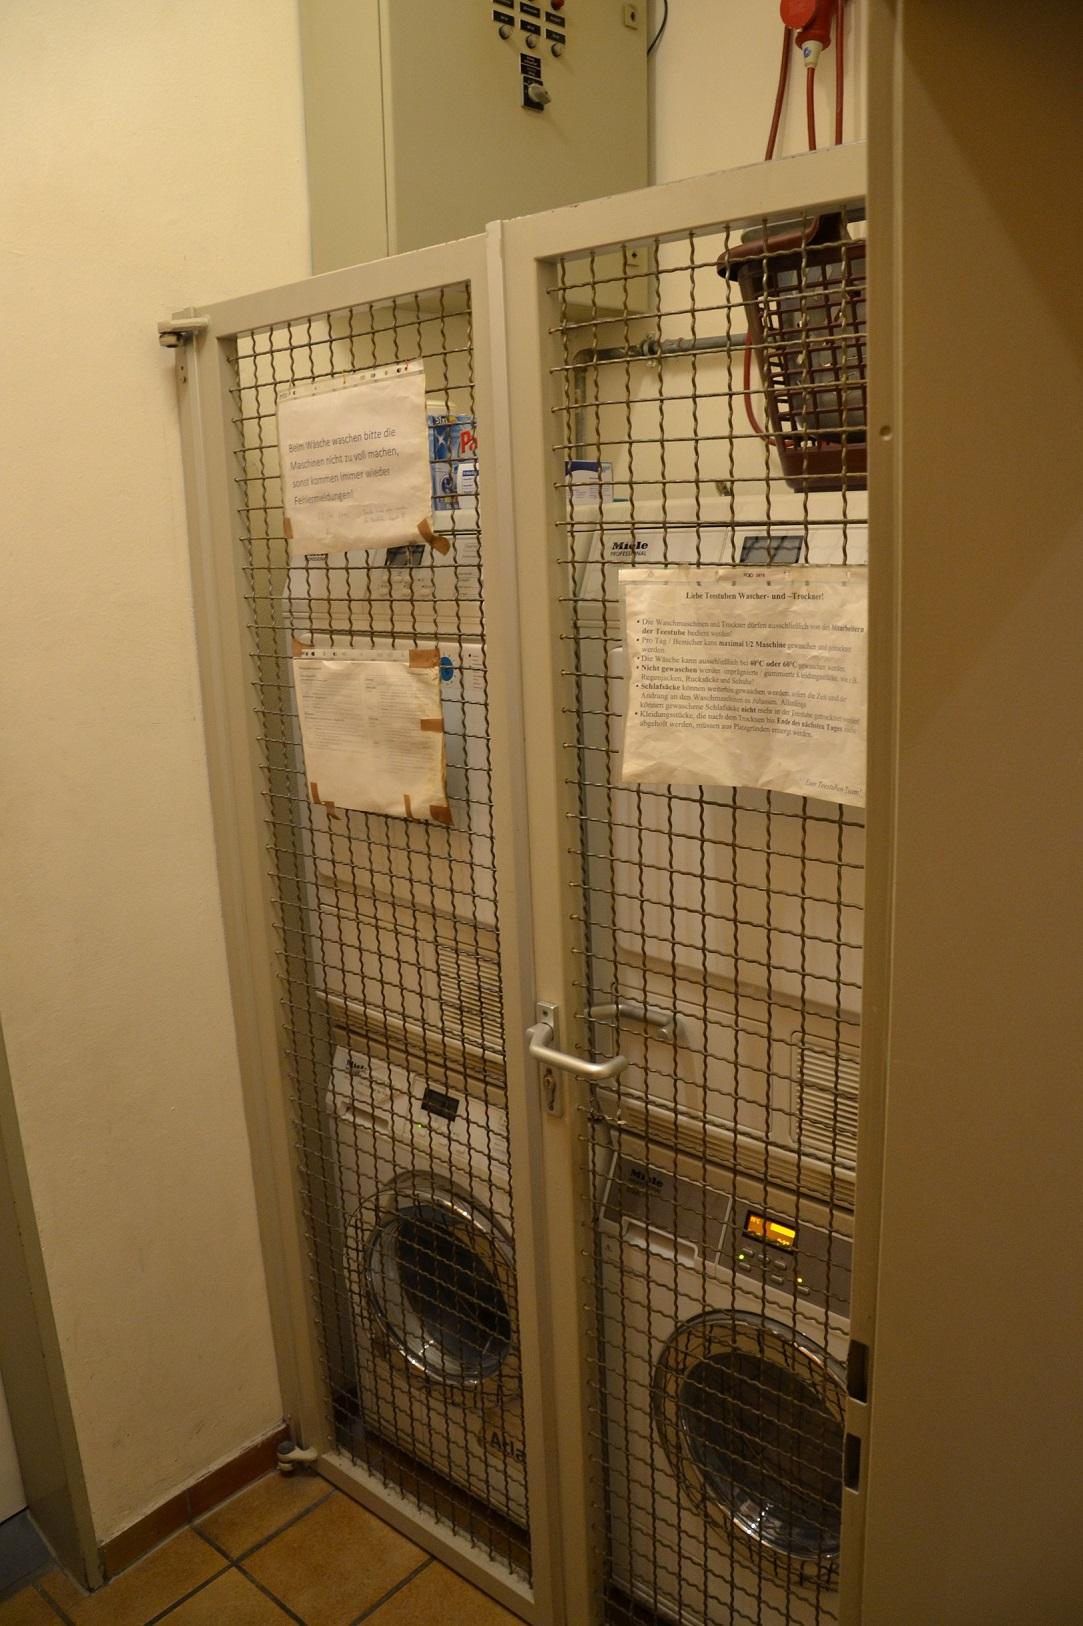 Die Waschmaschinen dürfen von den Klienten selbst nicht bedient werde, damit nichts kaputt geht.